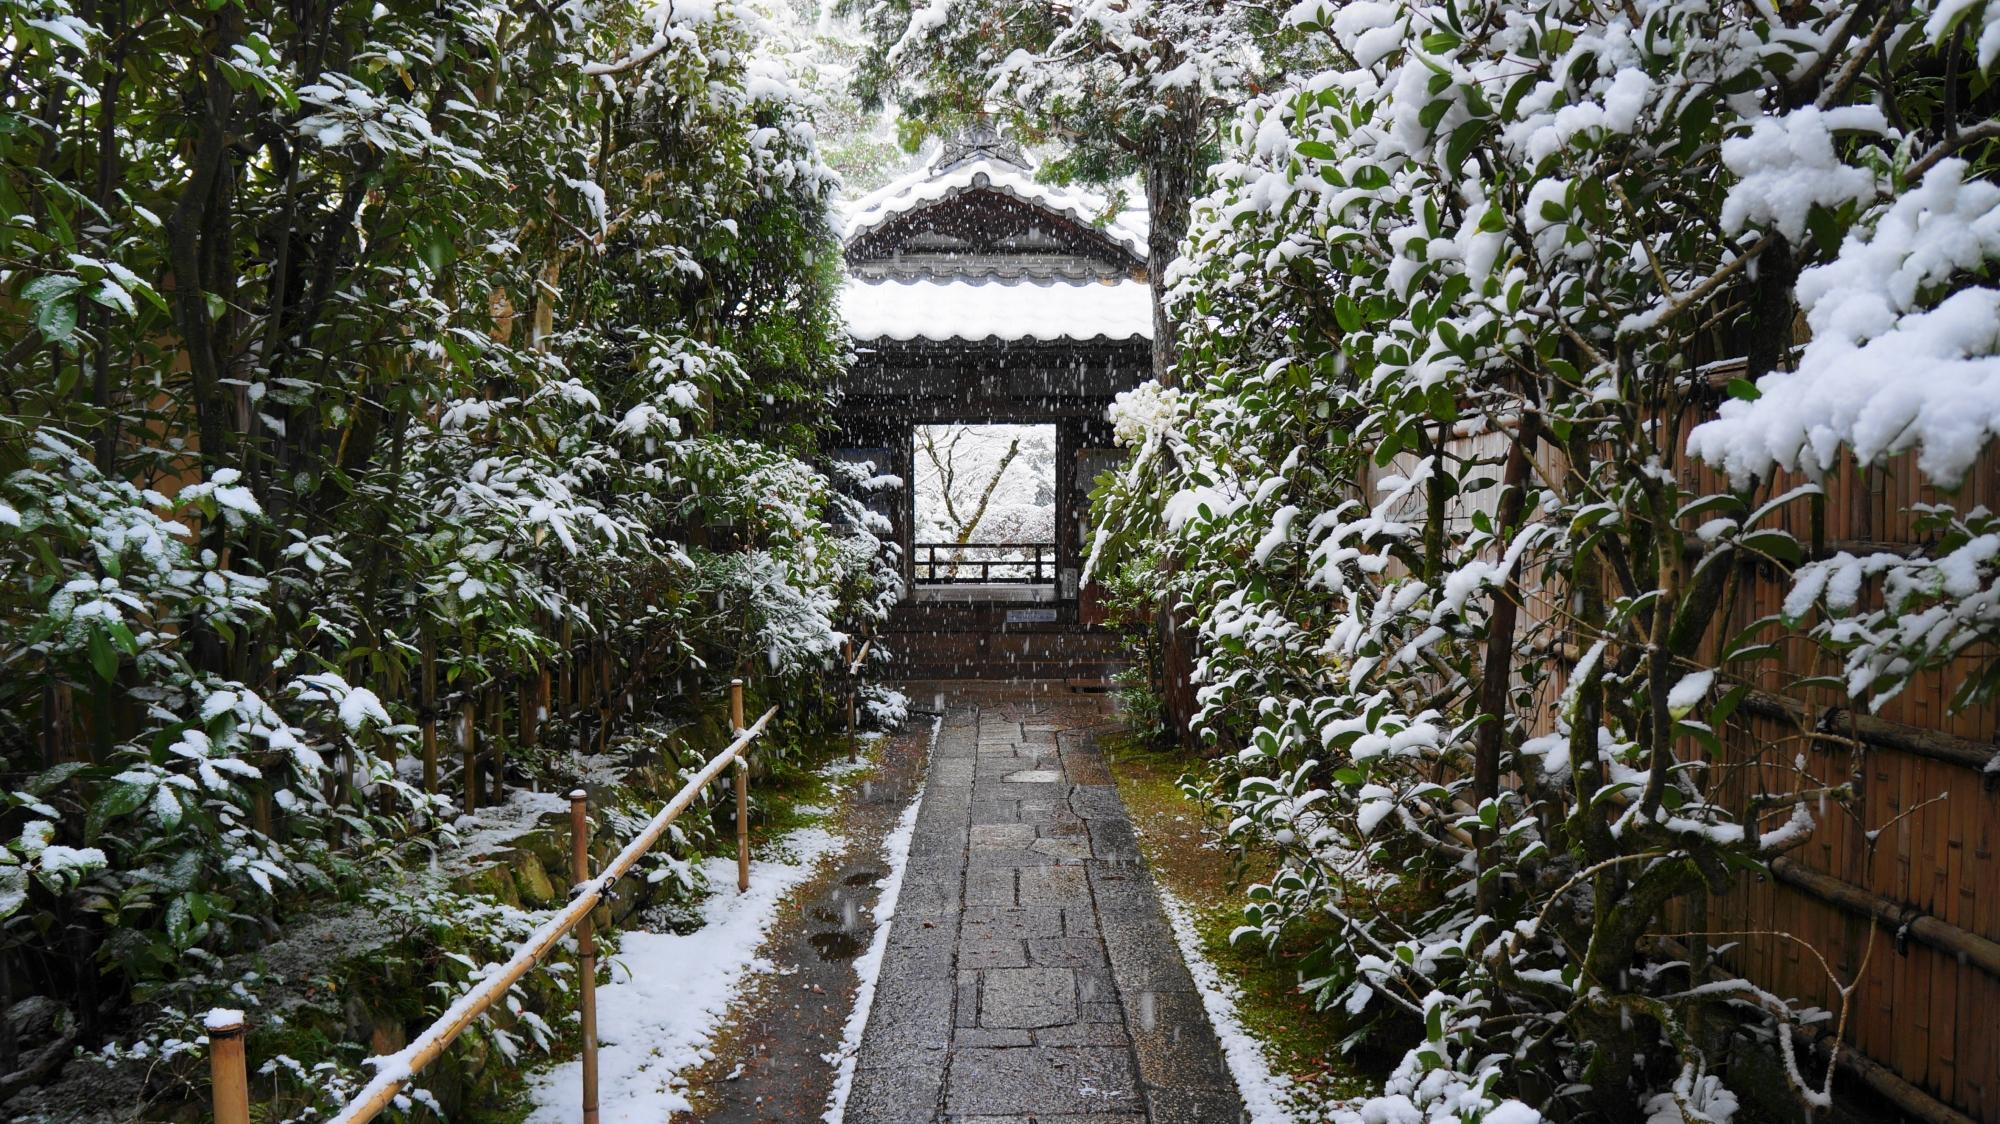 緑の葉に白い雪が積もる高桐院の玄関前の雪景色